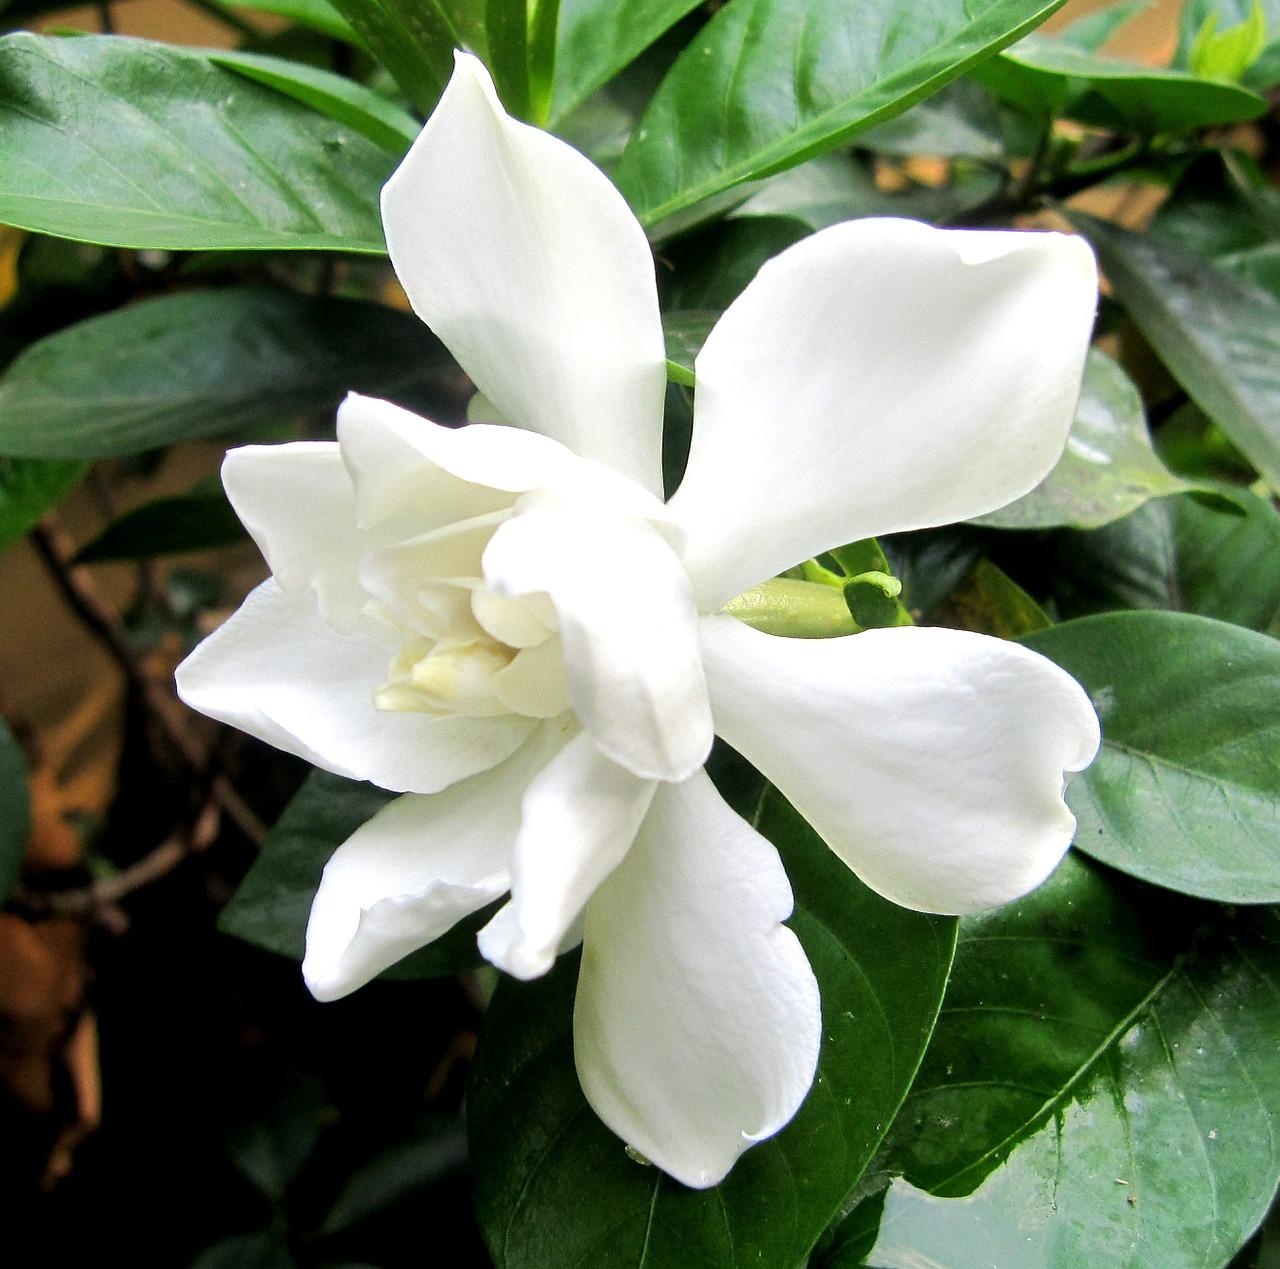 Η Γαρδένια είναι αειθαλής θάμνος, μέτριας έως αργής ανάπτυξης με οβάλ γυαλιστερά φύλλα